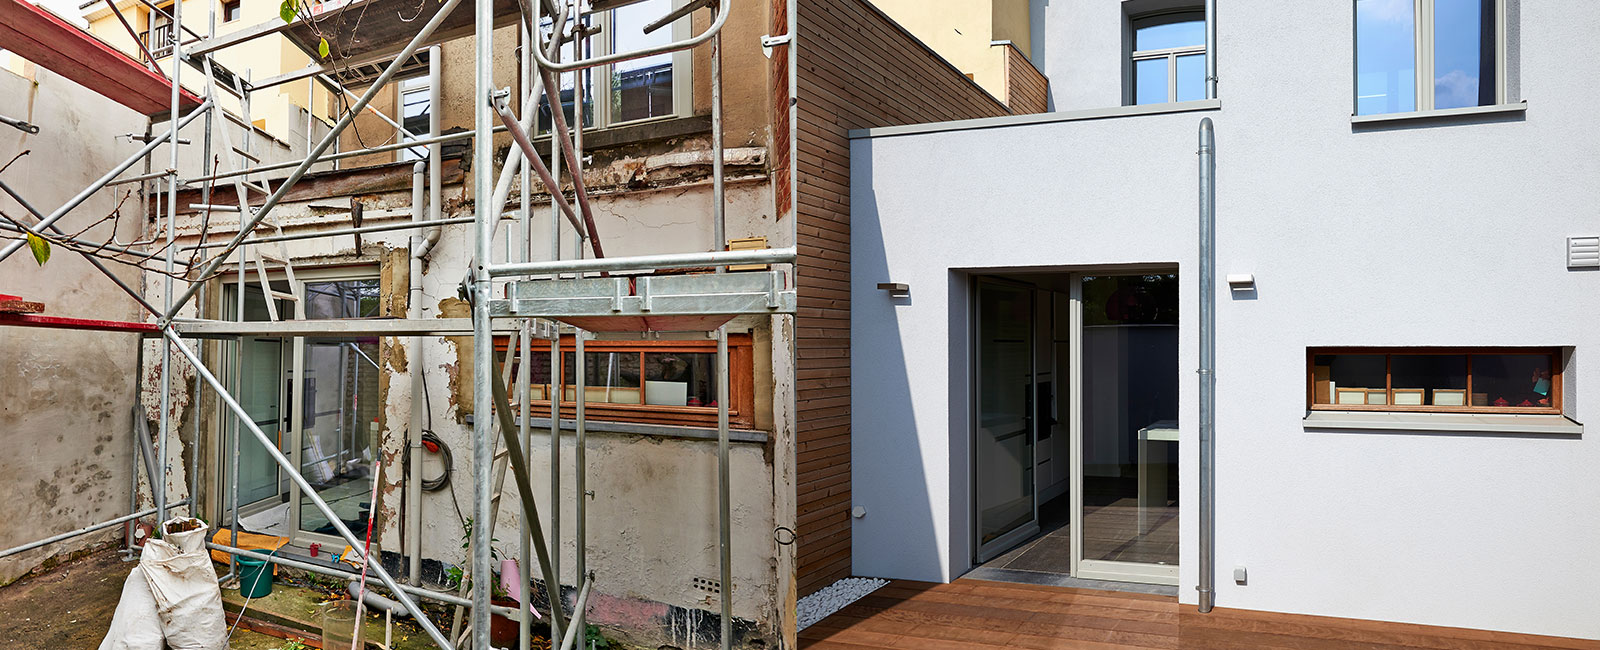 Transforme a sua casa num espaço moderno e renovado com a Iberasta